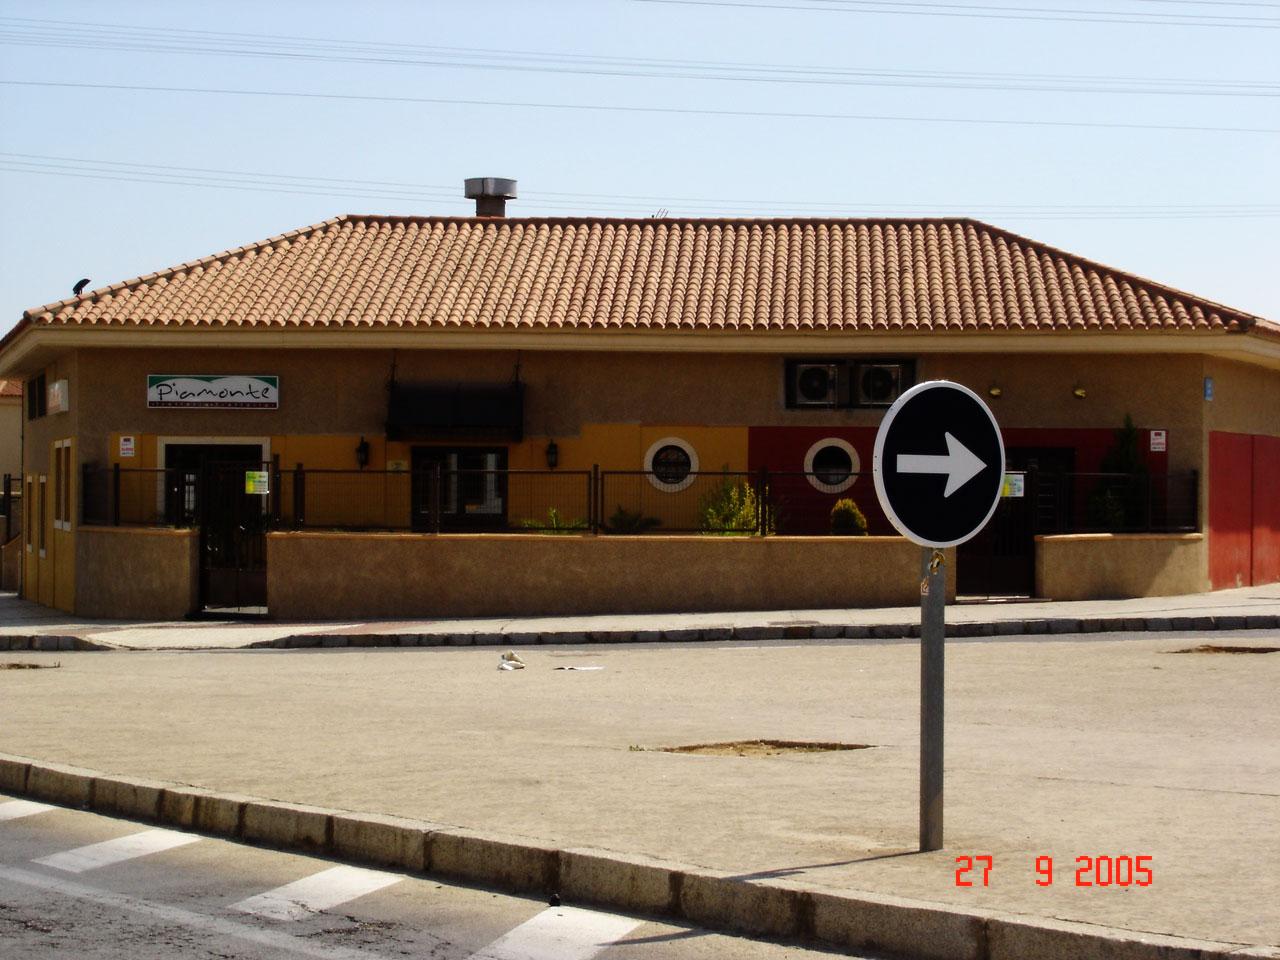 K2Ingenieros Ingeniería (Hostelería) - Restaurante Piamonte